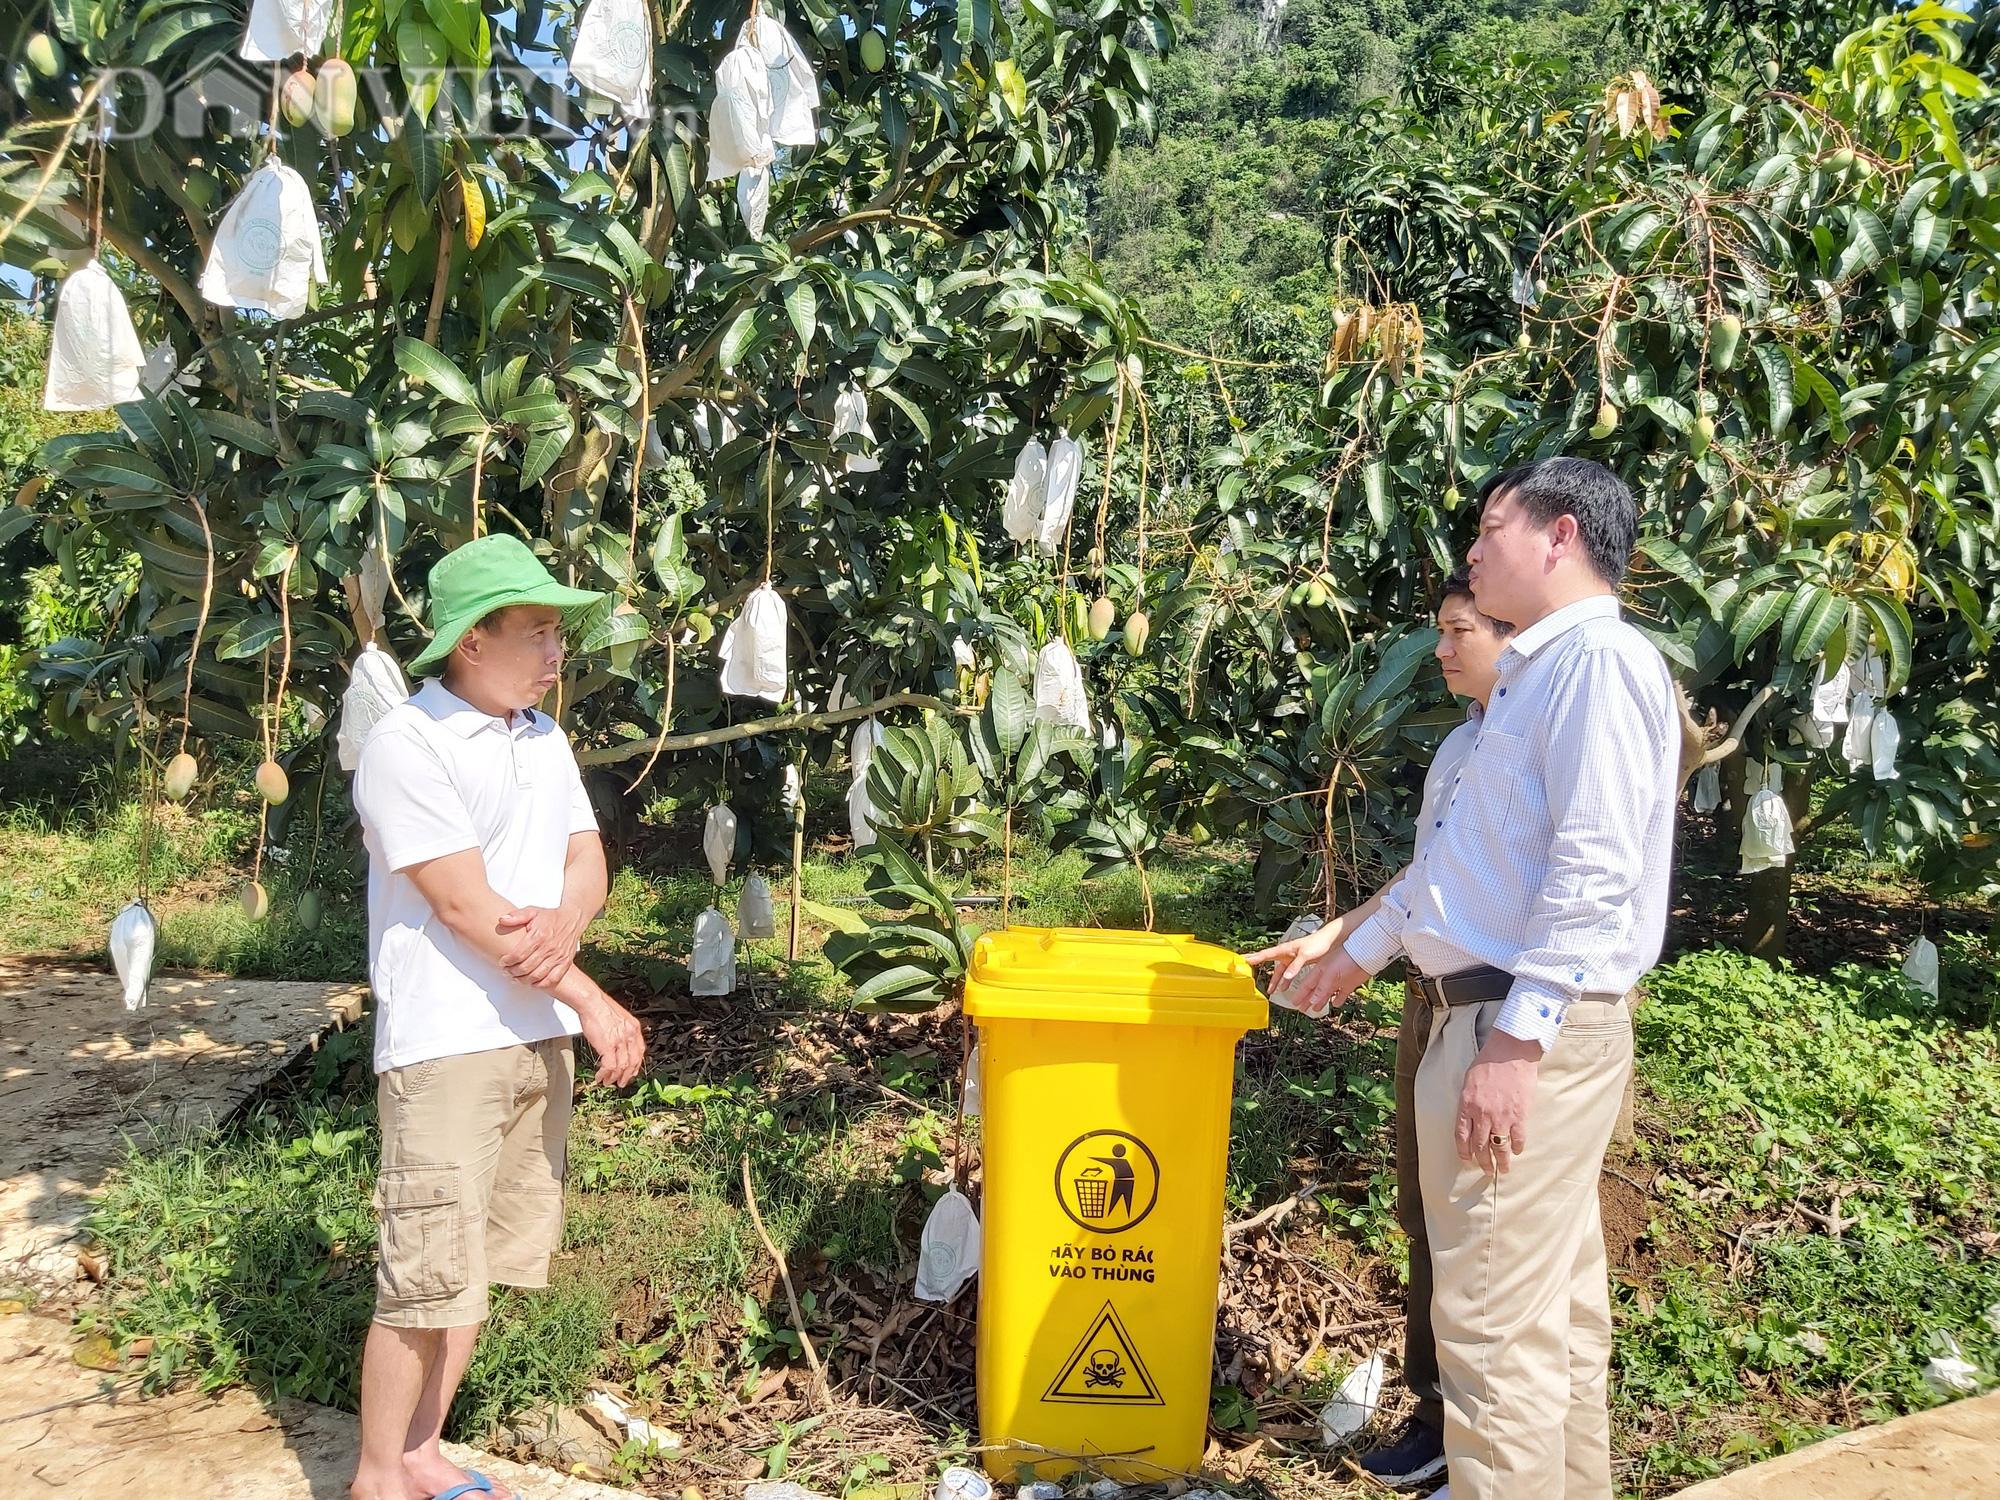 Tăng trưởng GRDP ngành nông nghiệp Sơn La cao hơn 55% so với trung bình của cả nước - Ảnh 4.